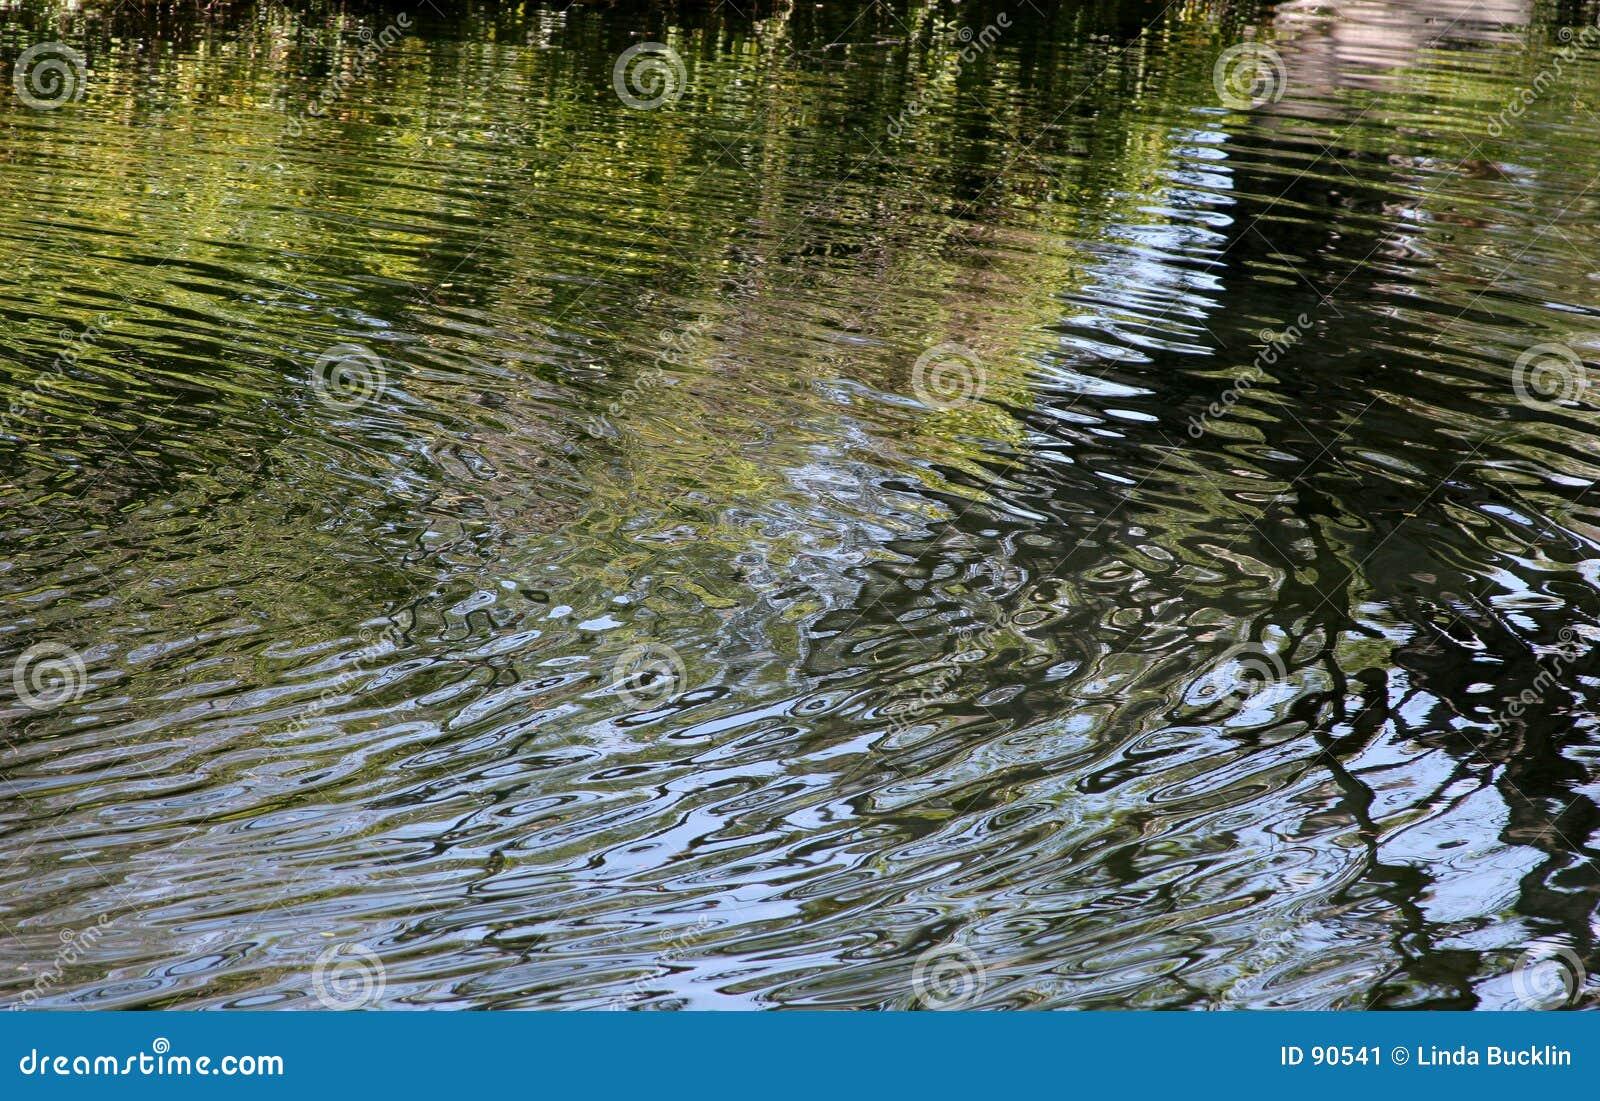 Ondinhas da água